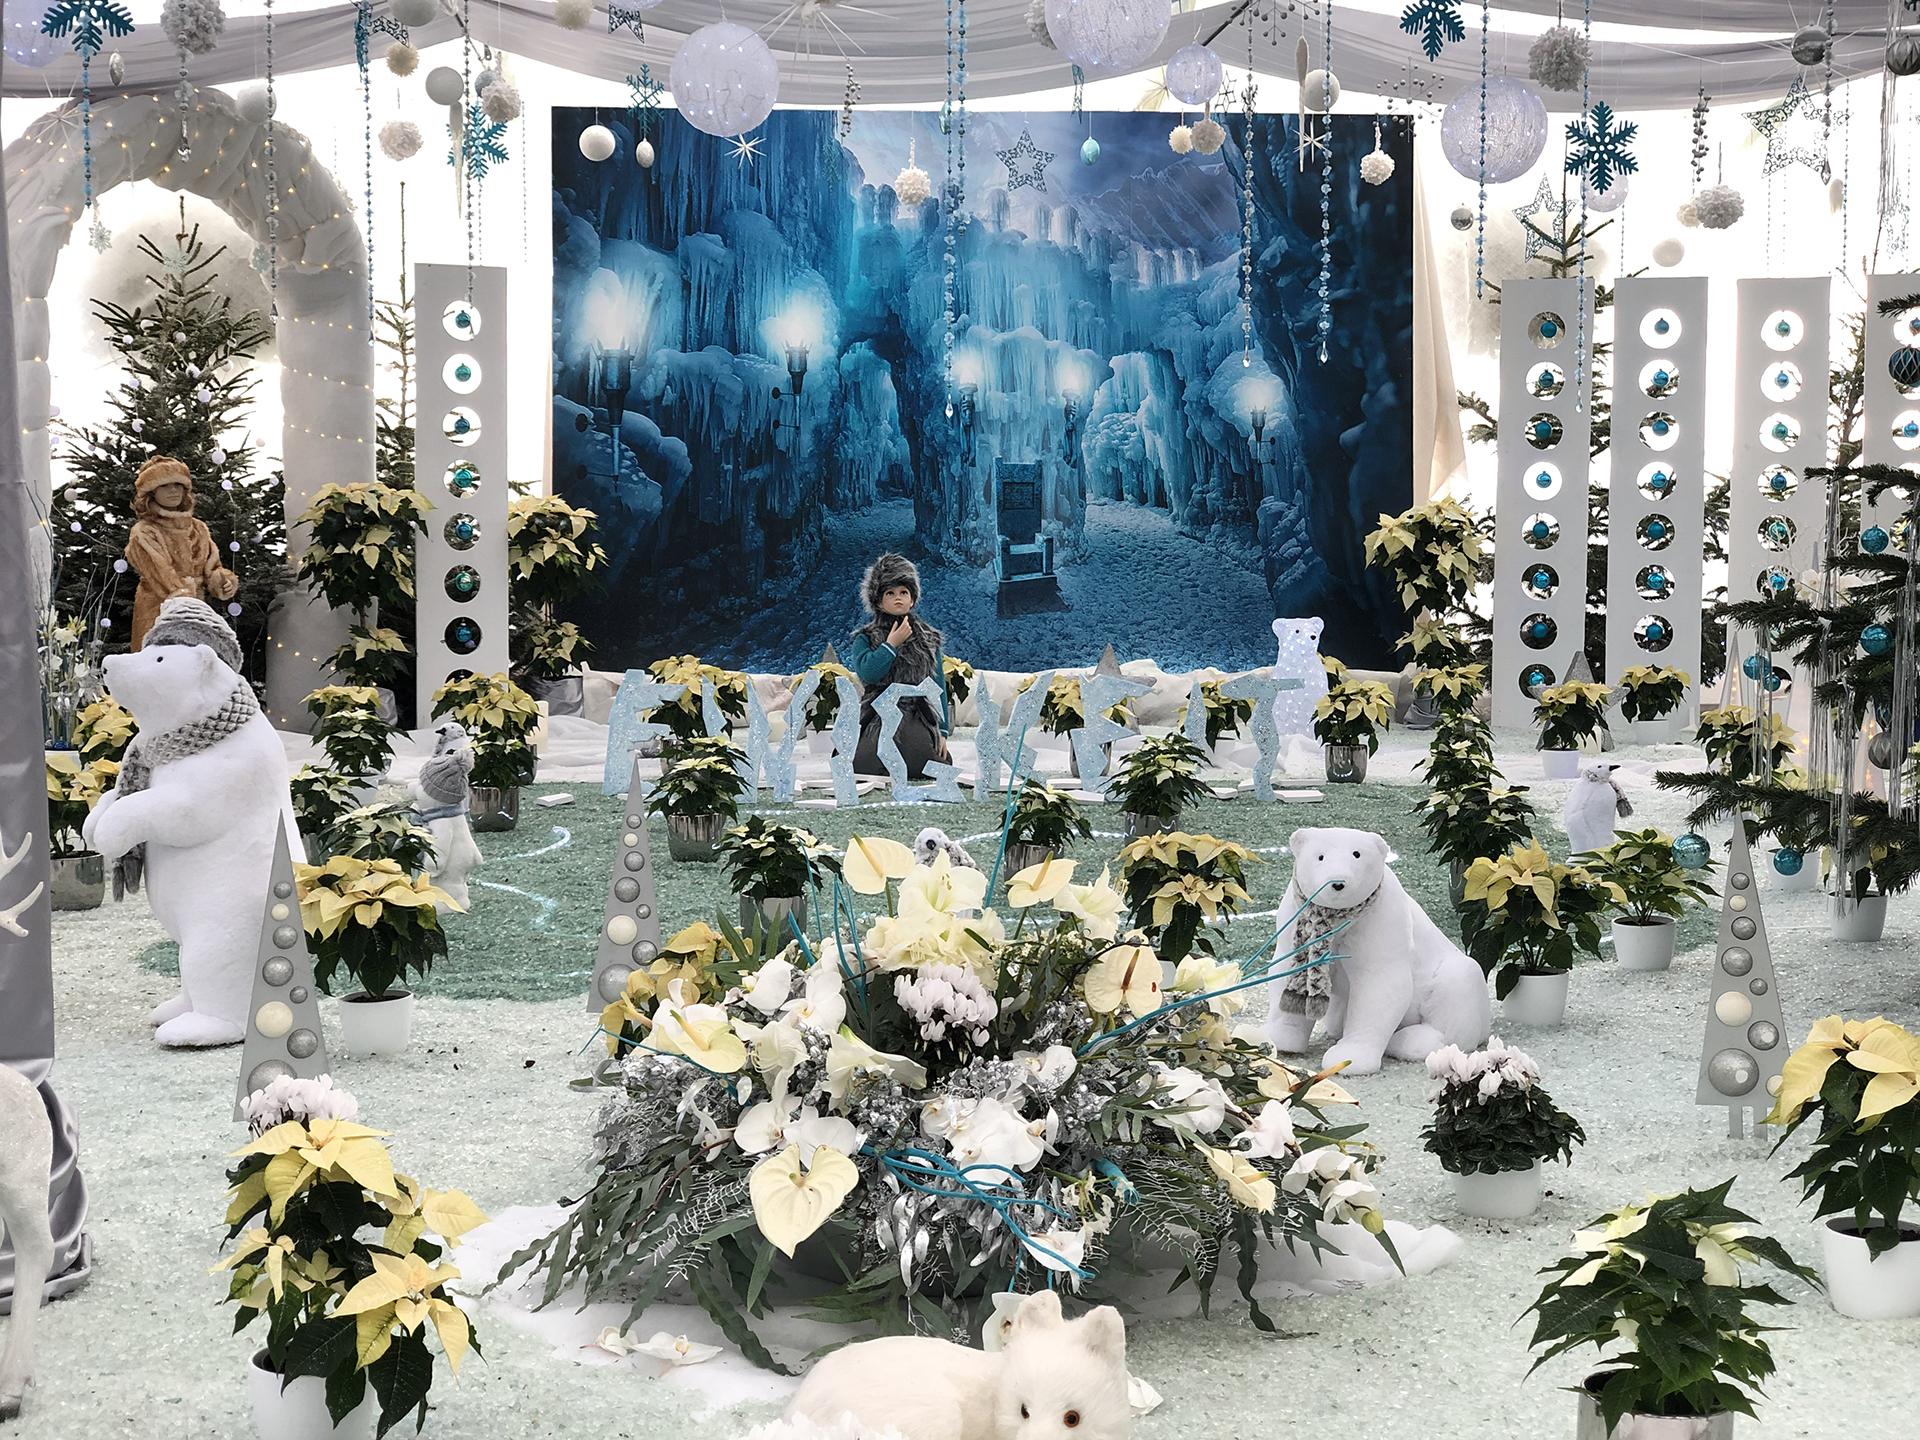 Weihnachtsschau in den Blumengärten Hirschstetten